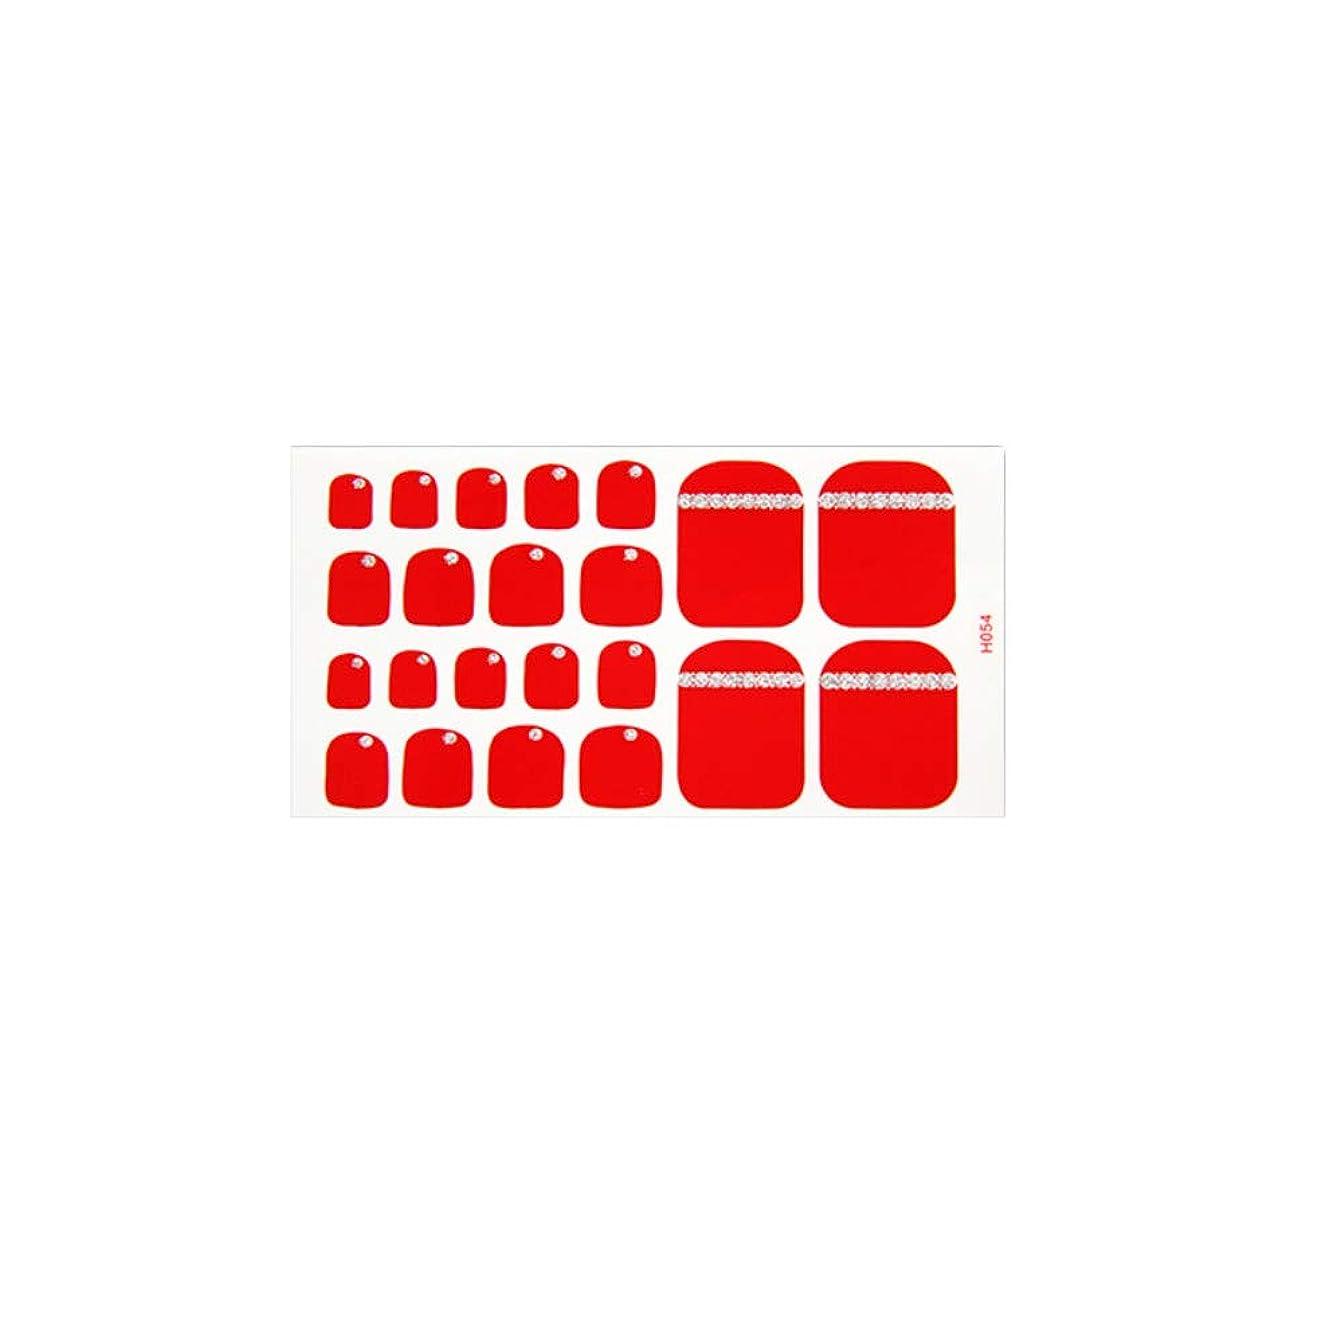 刻む改善する統計的Poonikuuネイルシール ネイルアクセサリー ネイルの飾り 貼るだけシンプル 夏 足爪 女性レディース ファション優雅綺麗 1セット 22枚 スタイル4